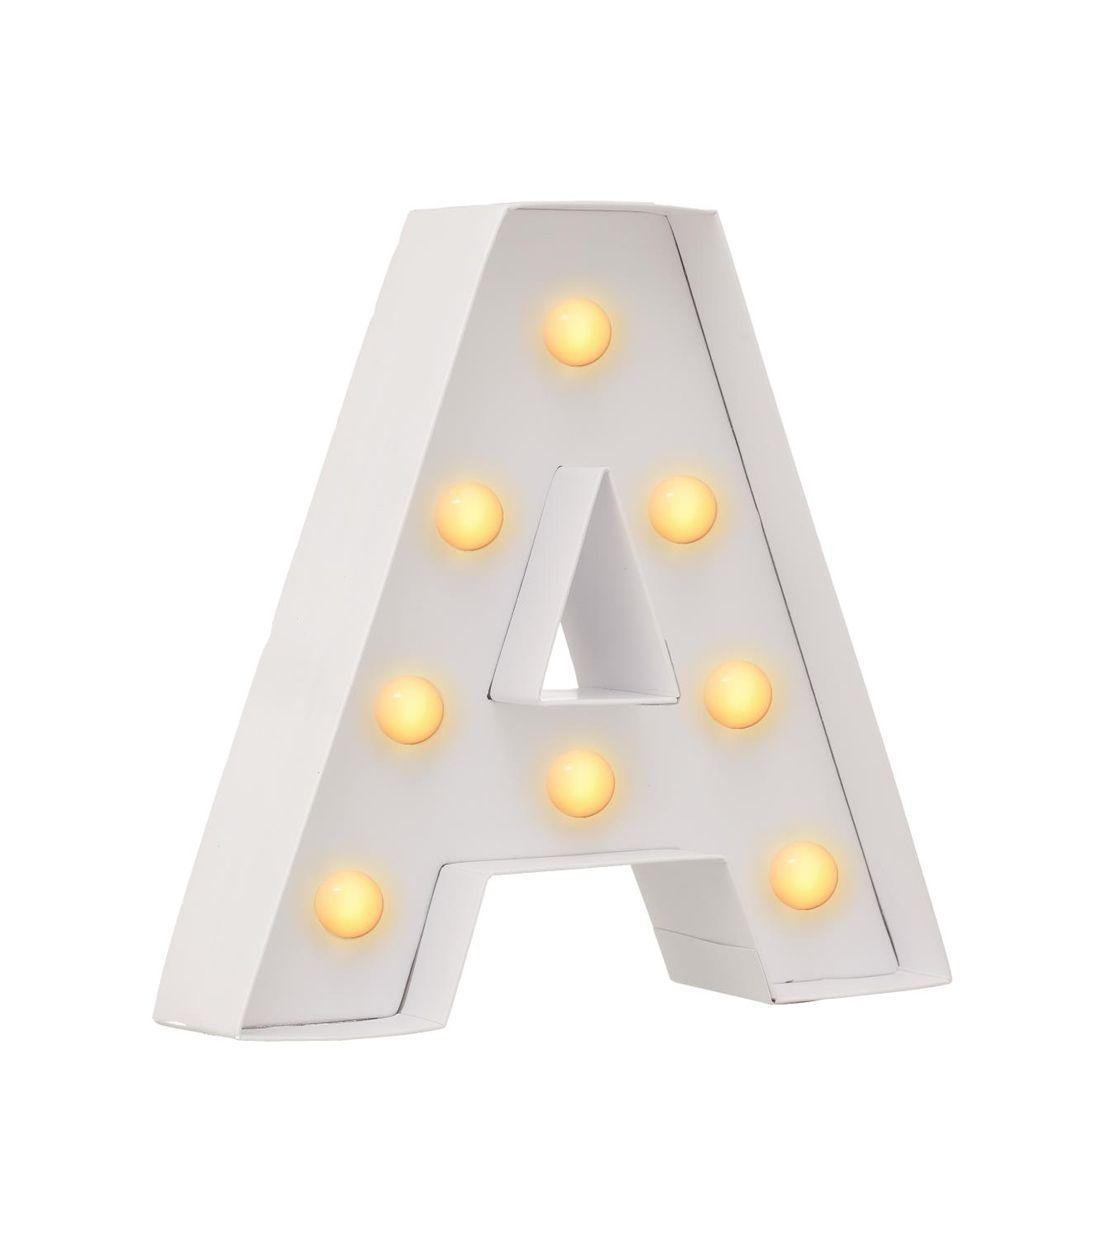 lettre lumineuse lettre lumineuse A à personnaliser | secret wedding | Pinterest | Cali lettre lumineuse